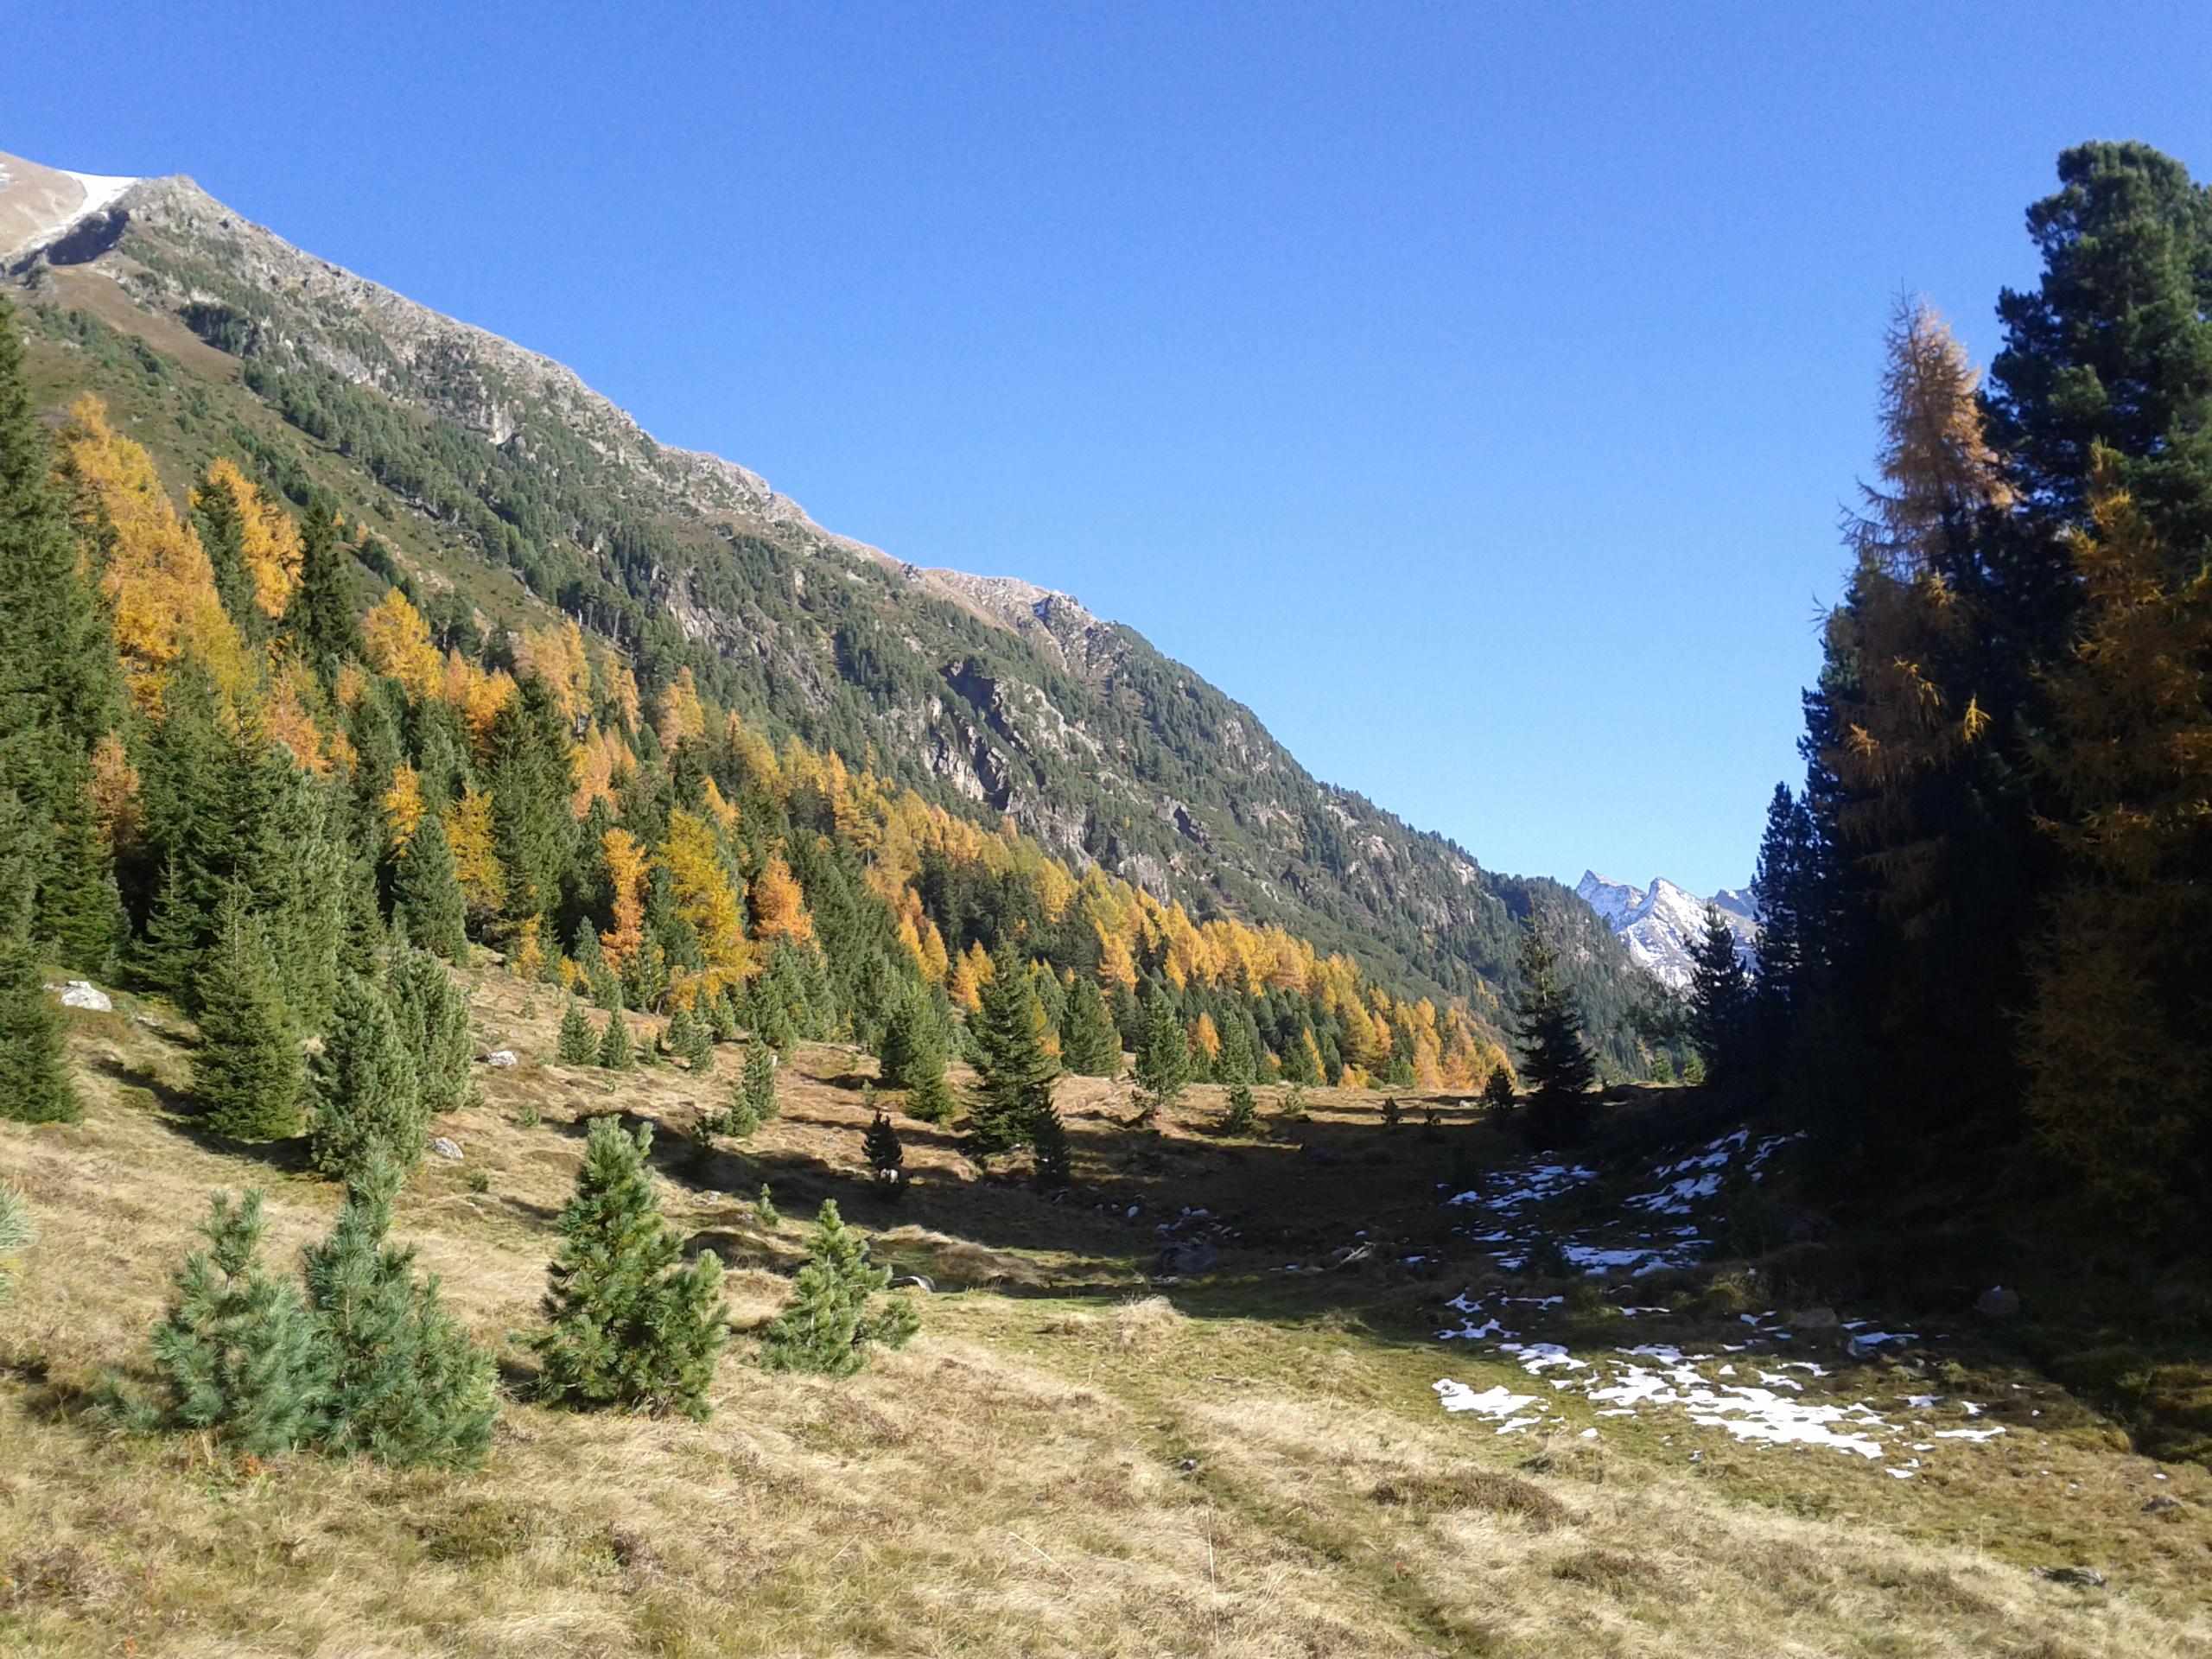 Gesunde Wälder haben eine riesiges Potential, Regenwasser aufzunehmen. Sie sind sozusagen ein natürlicher Hochwasserschutz.